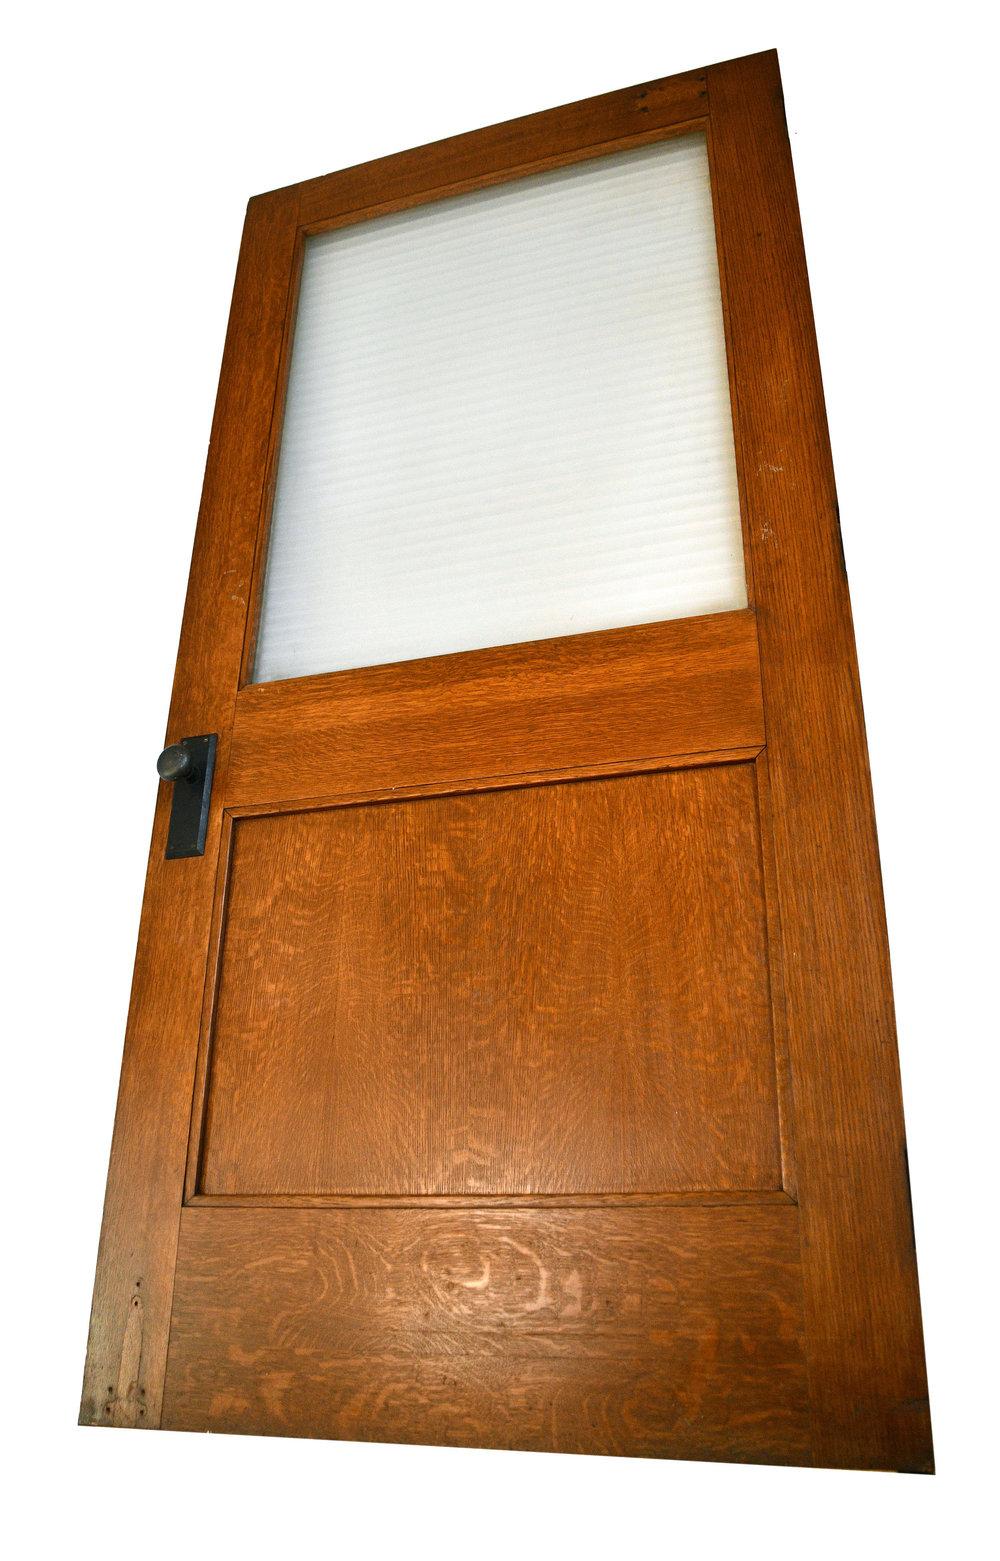 46160-quartersawn-half-view-door-below.jpg